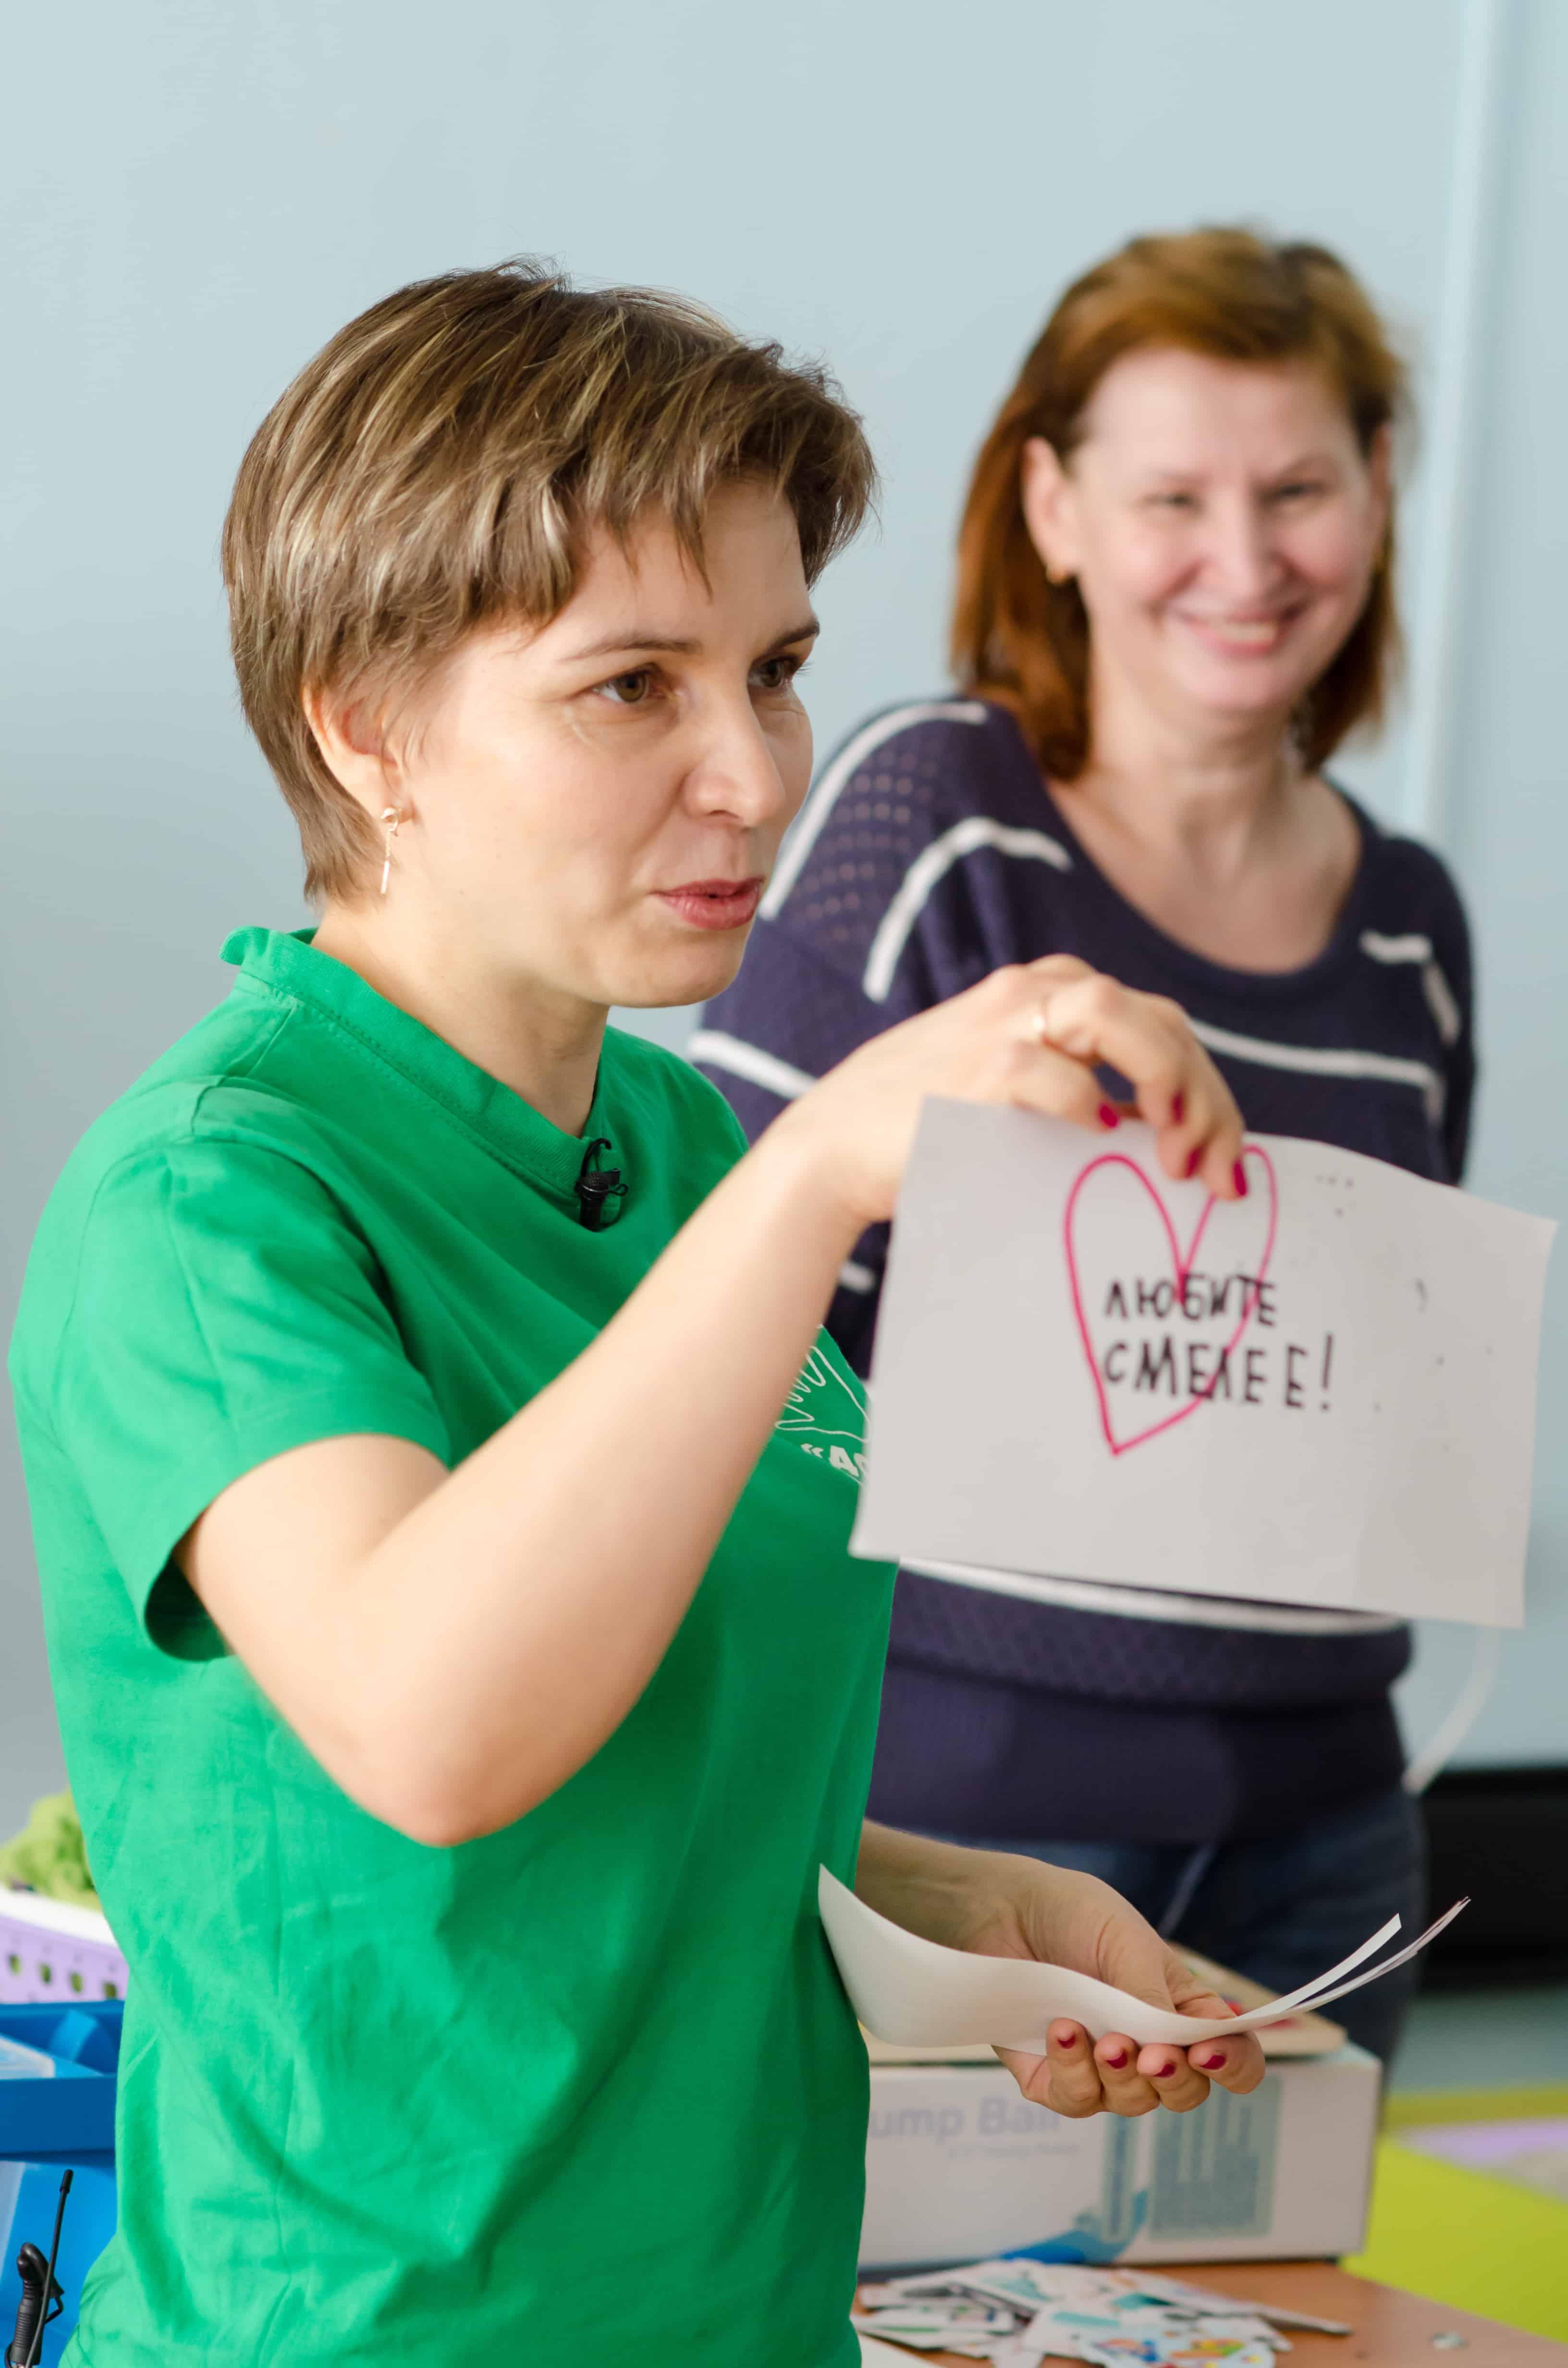 Наталья Никулина, руководитель проекта, показывает рисунок своего сына